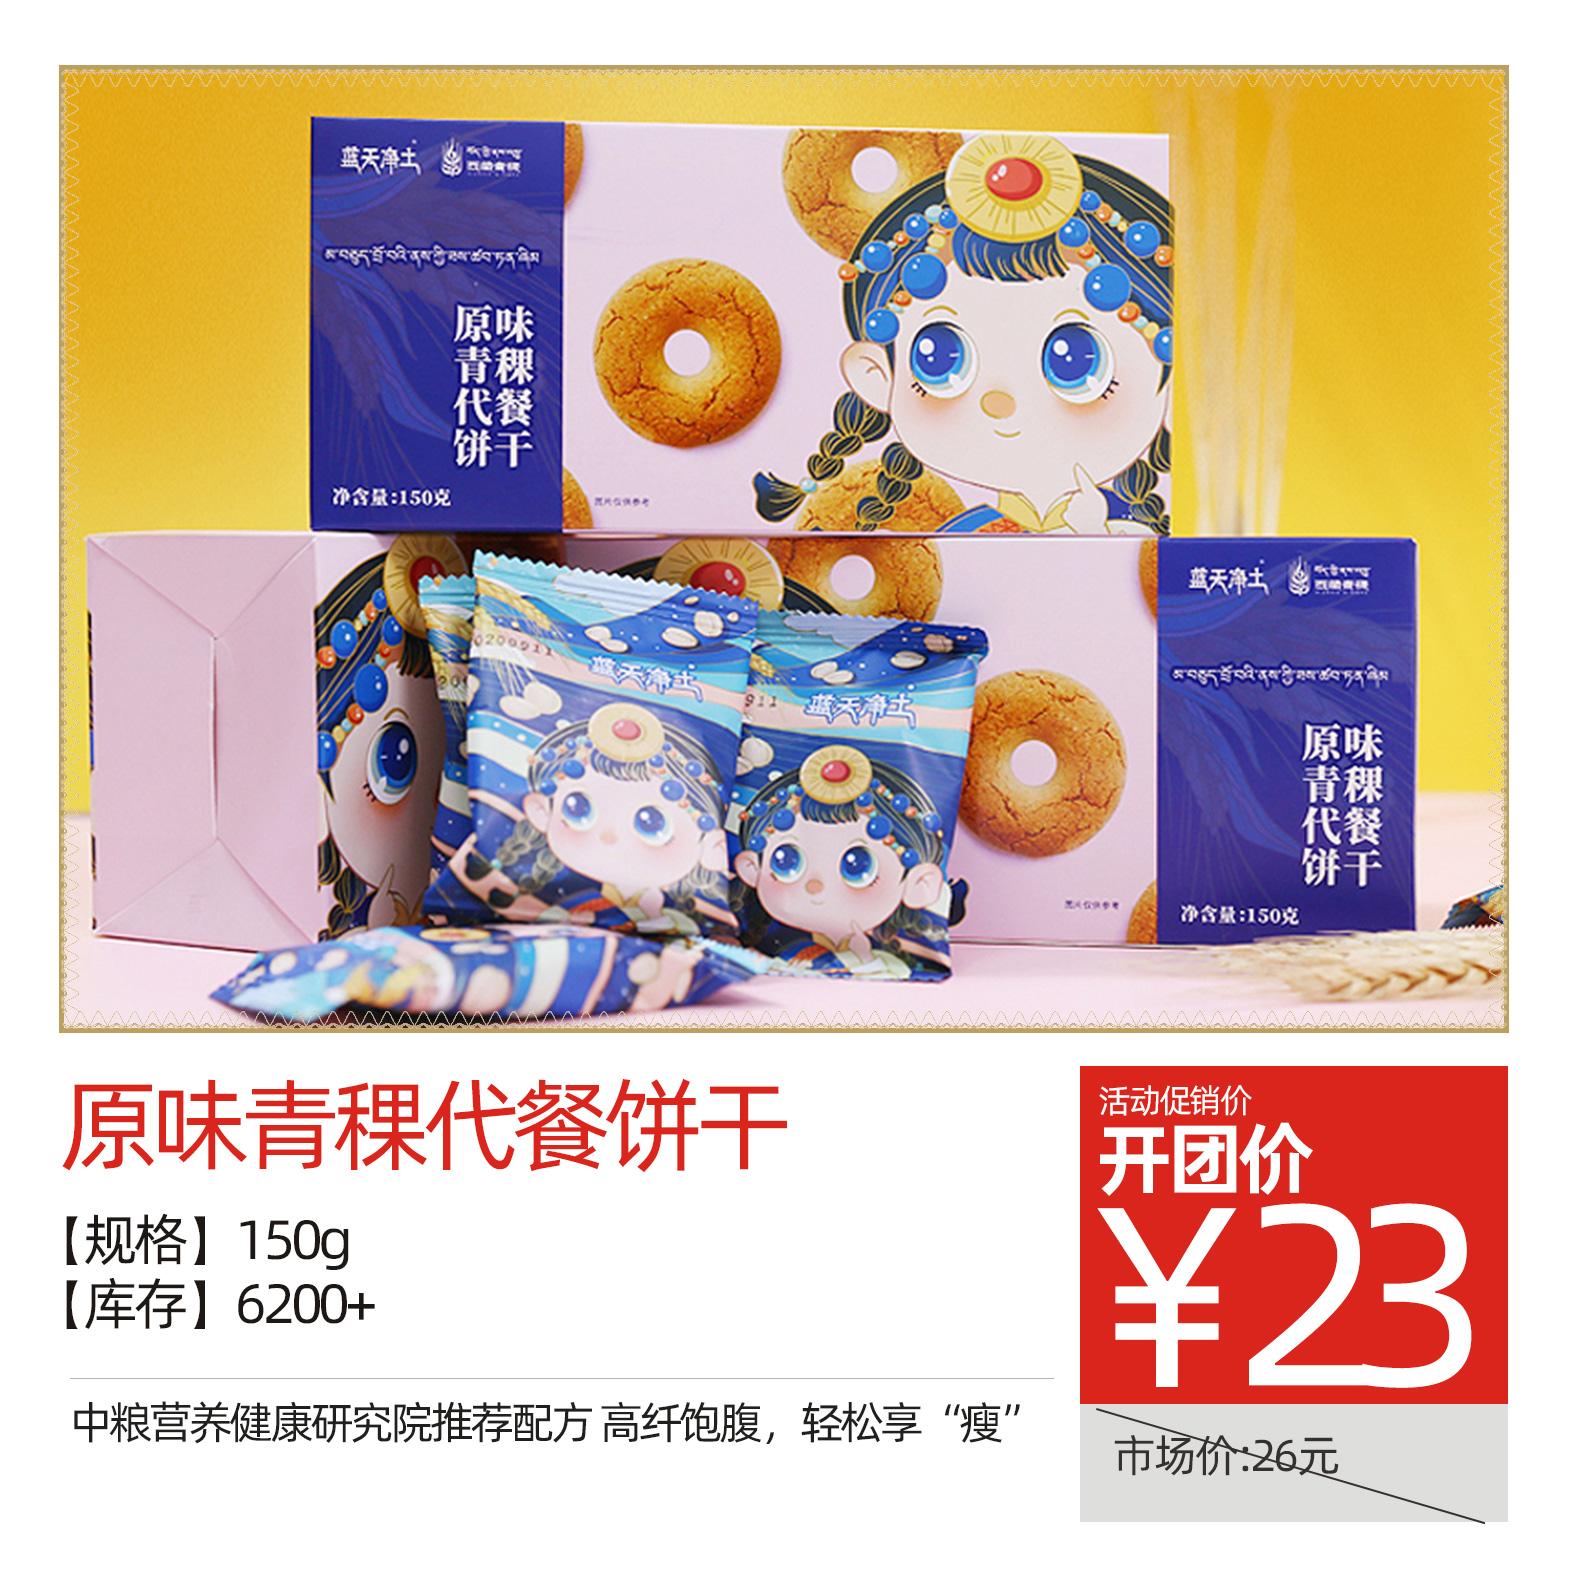 原味青稞代餐饼干 {中粮配方、高仟饱腹}